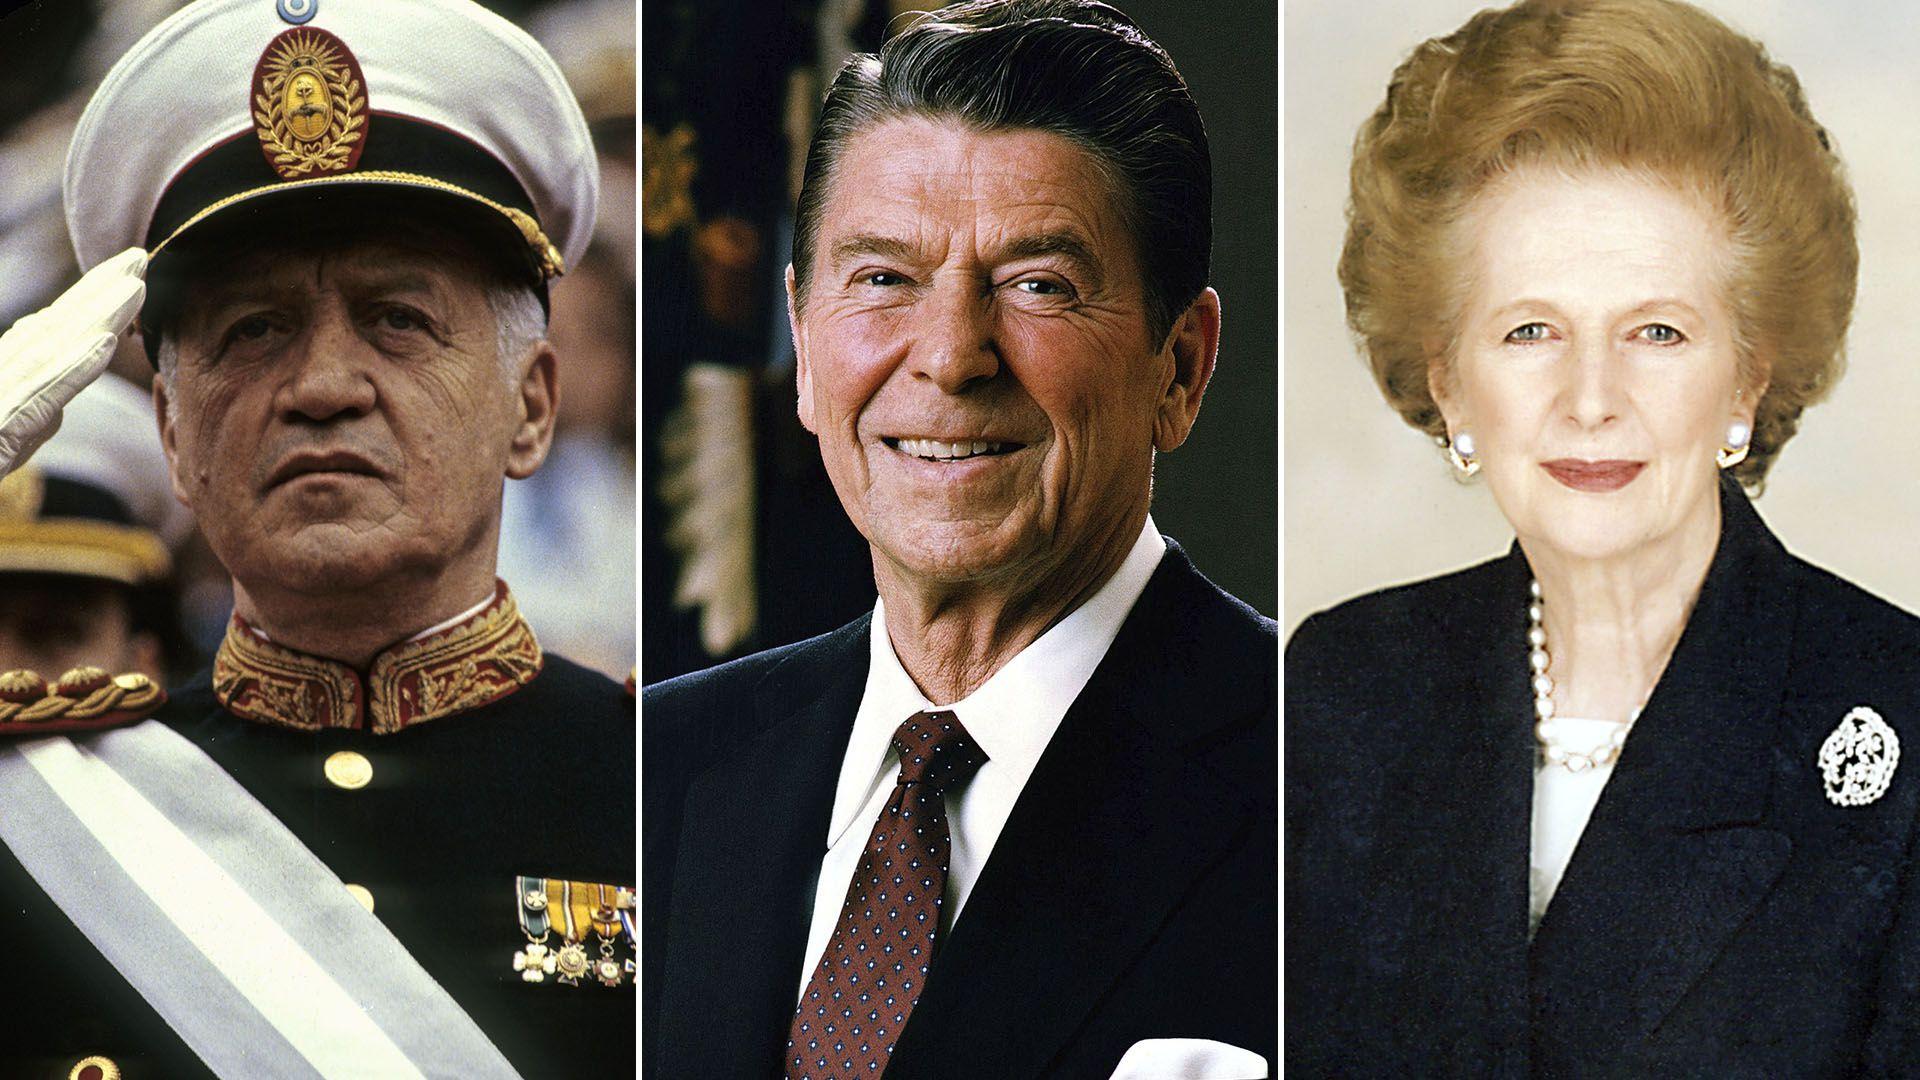 Reagan, entre Galtieri y Thatcher. Cuando estalló la guerra, norteamerica dejó la neutralidad y jugó al lado de su aliado en la OTAN